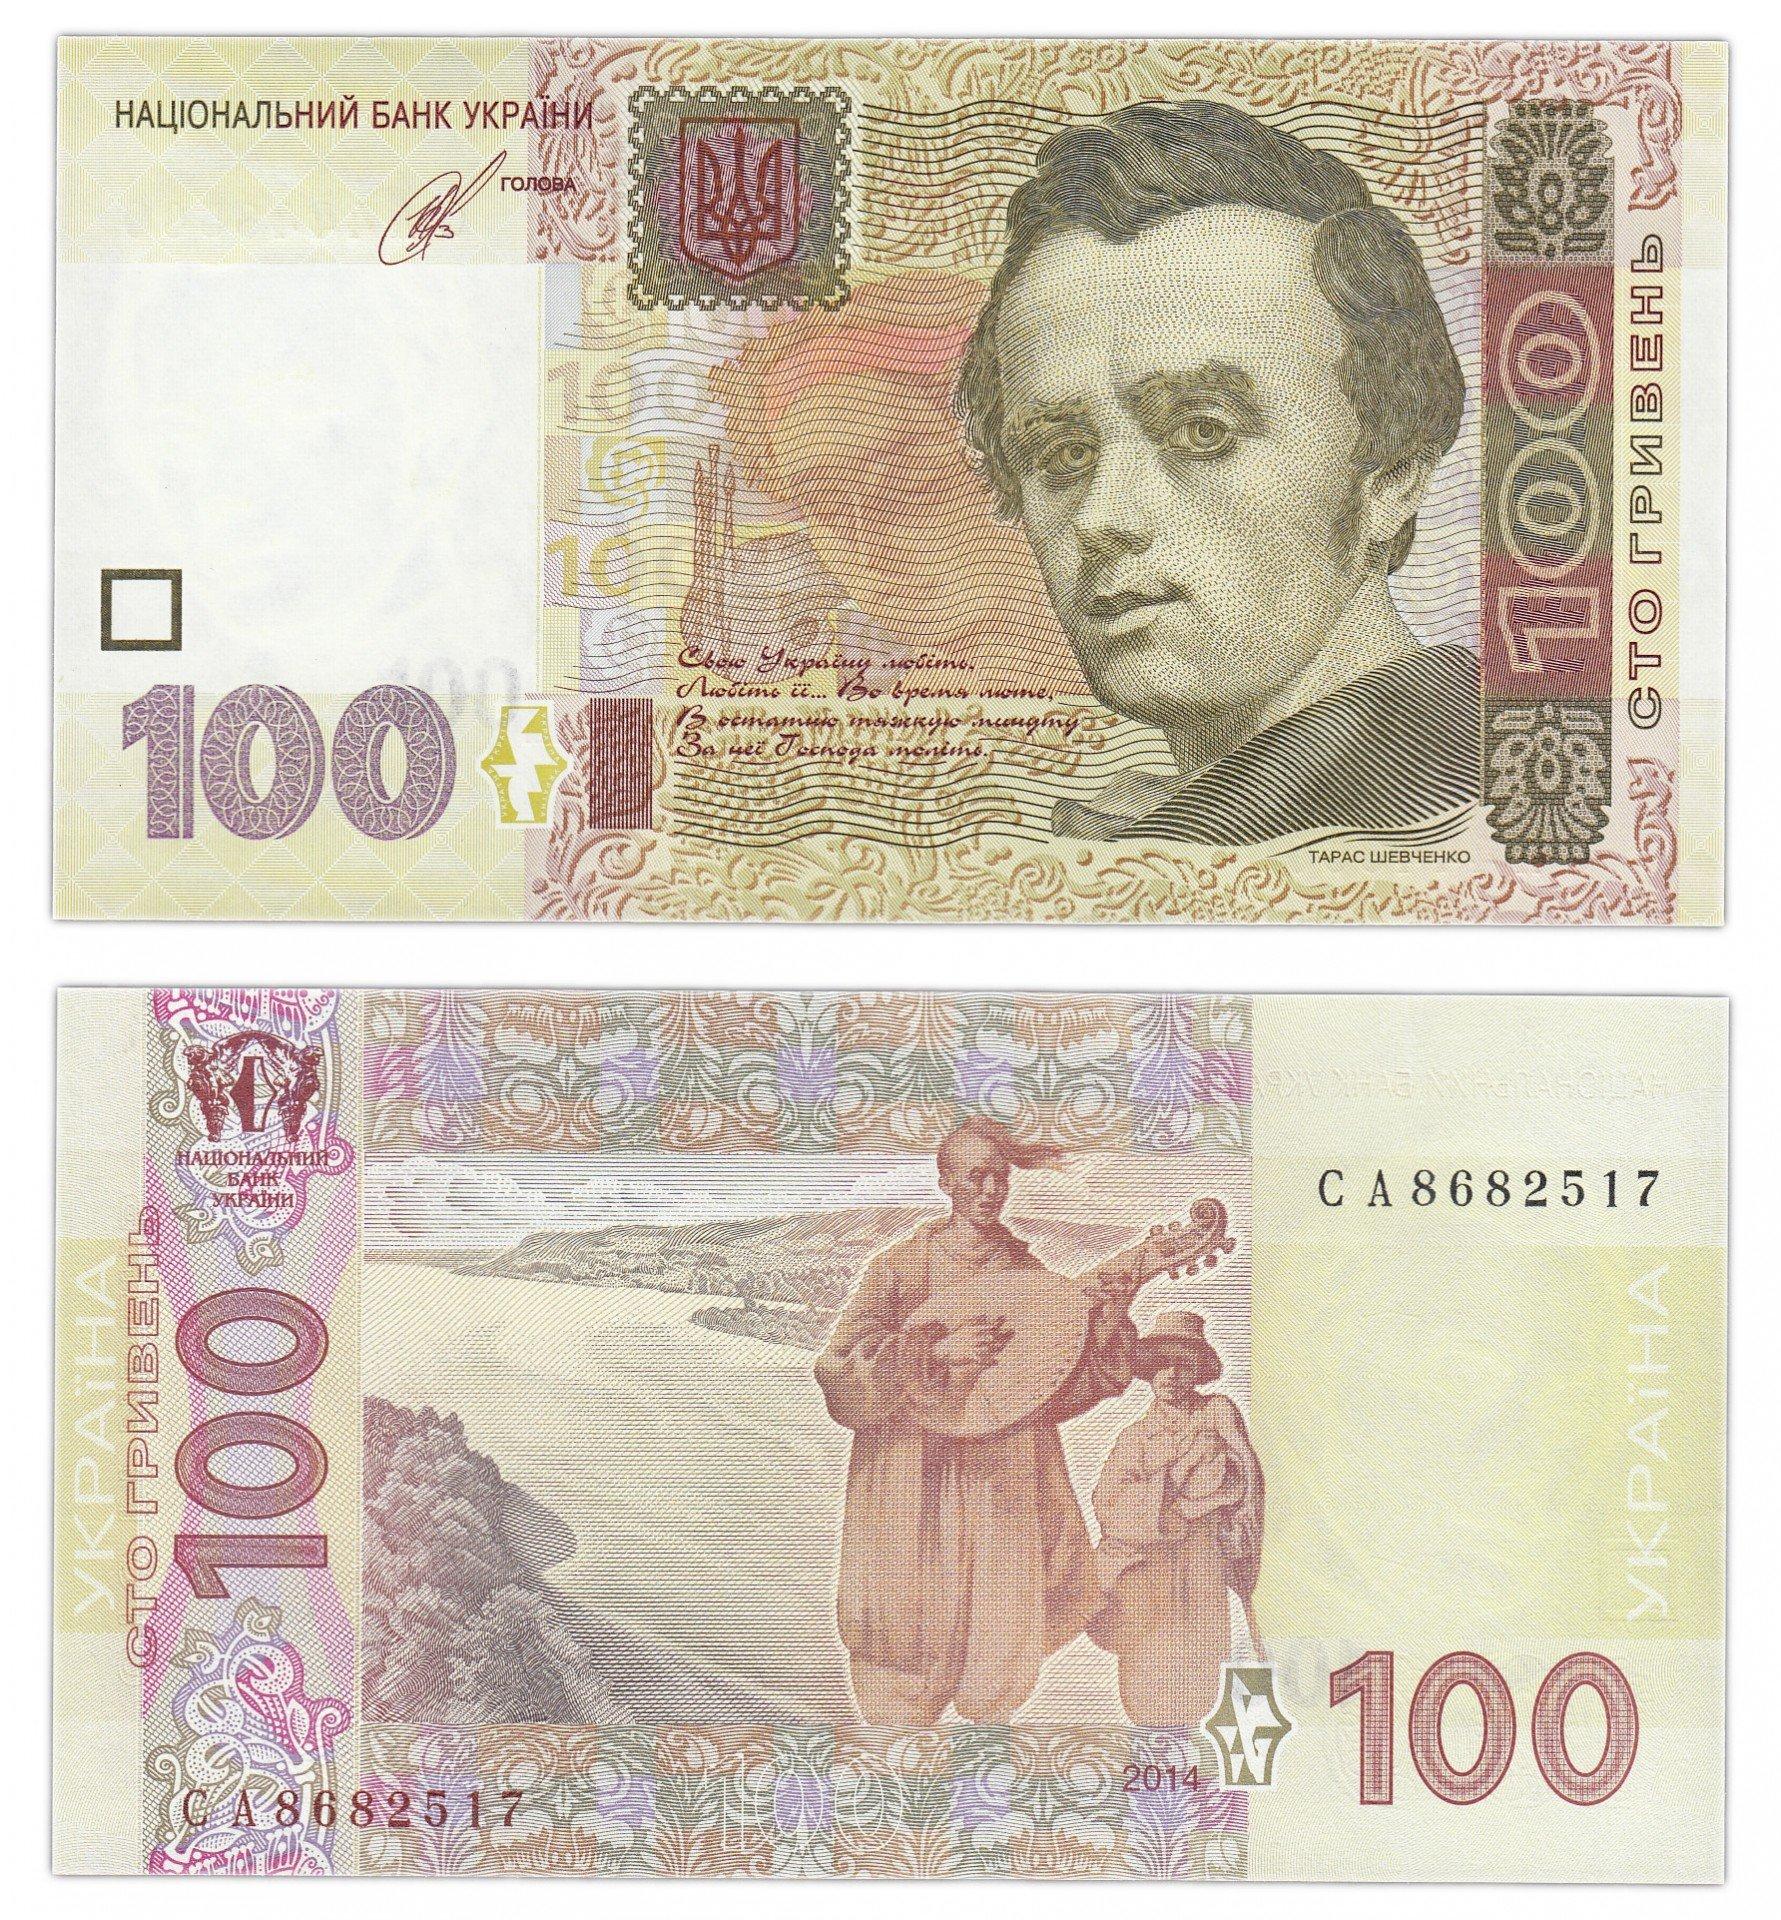 10 гривень 2004 чемпионат цена центральный банк россии картинки